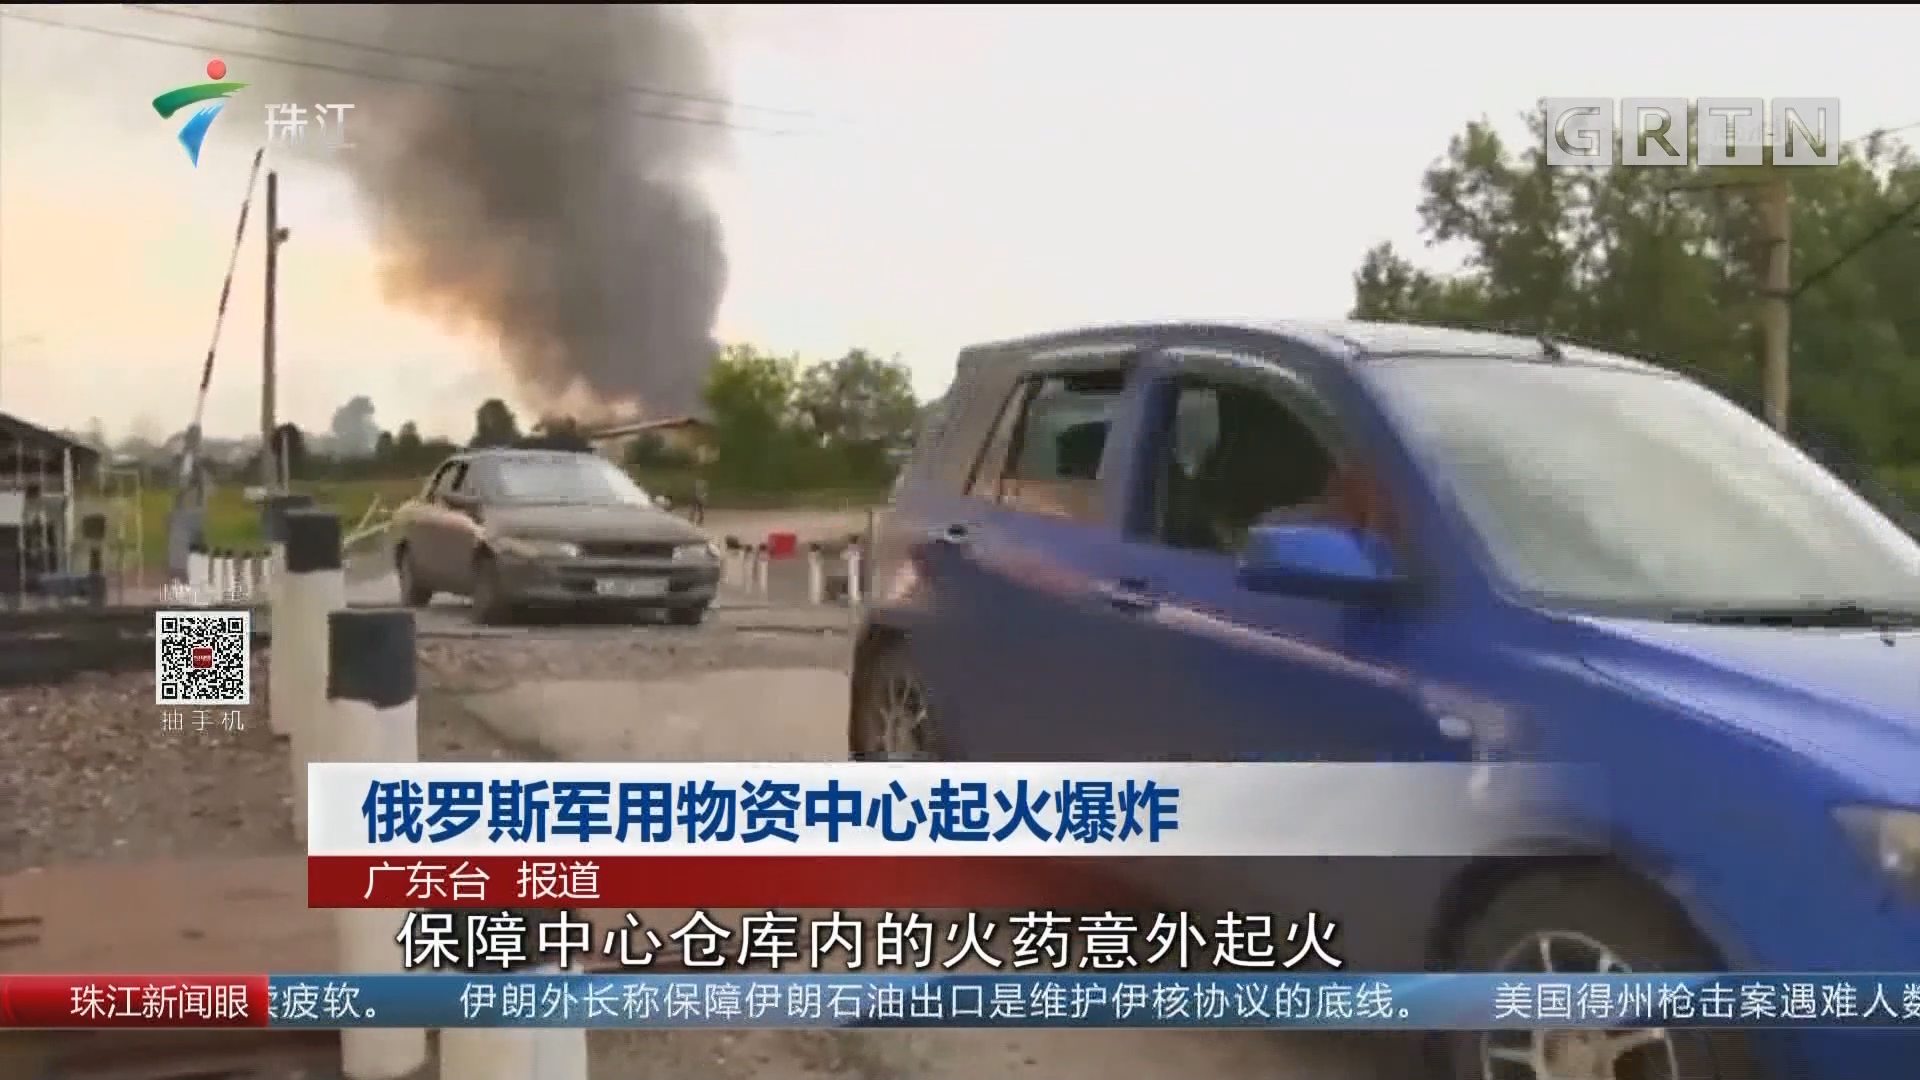 俄罗斯军用物资中心起火爆炸